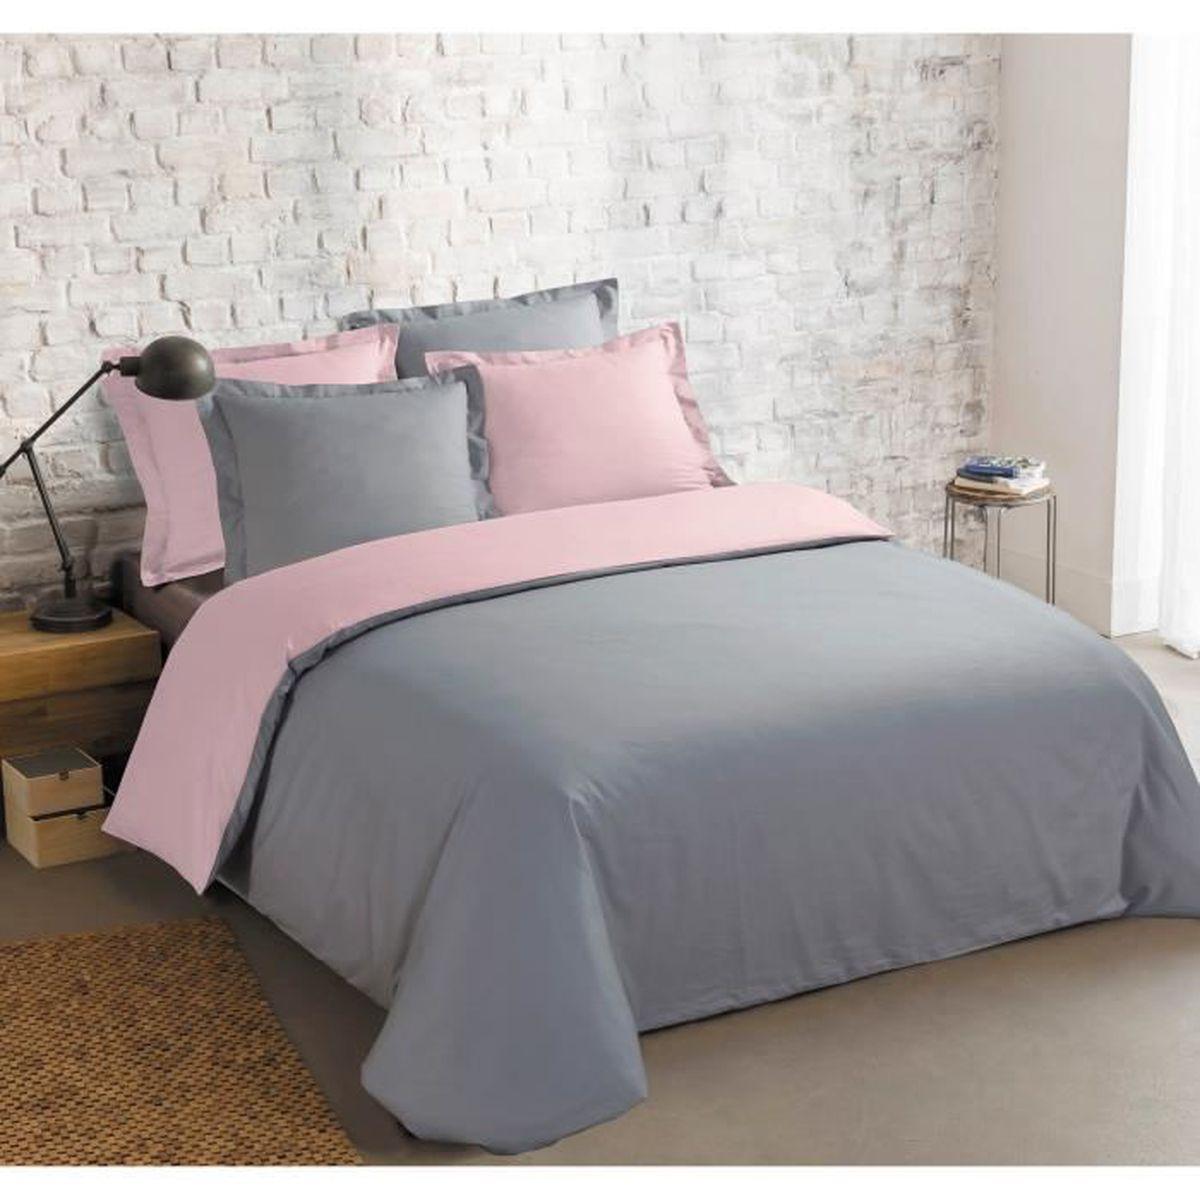 housse de couette grise et rose housse de couette grise et rose housse de couette rouge et. Black Bedroom Furniture Sets. Home Design Ideas